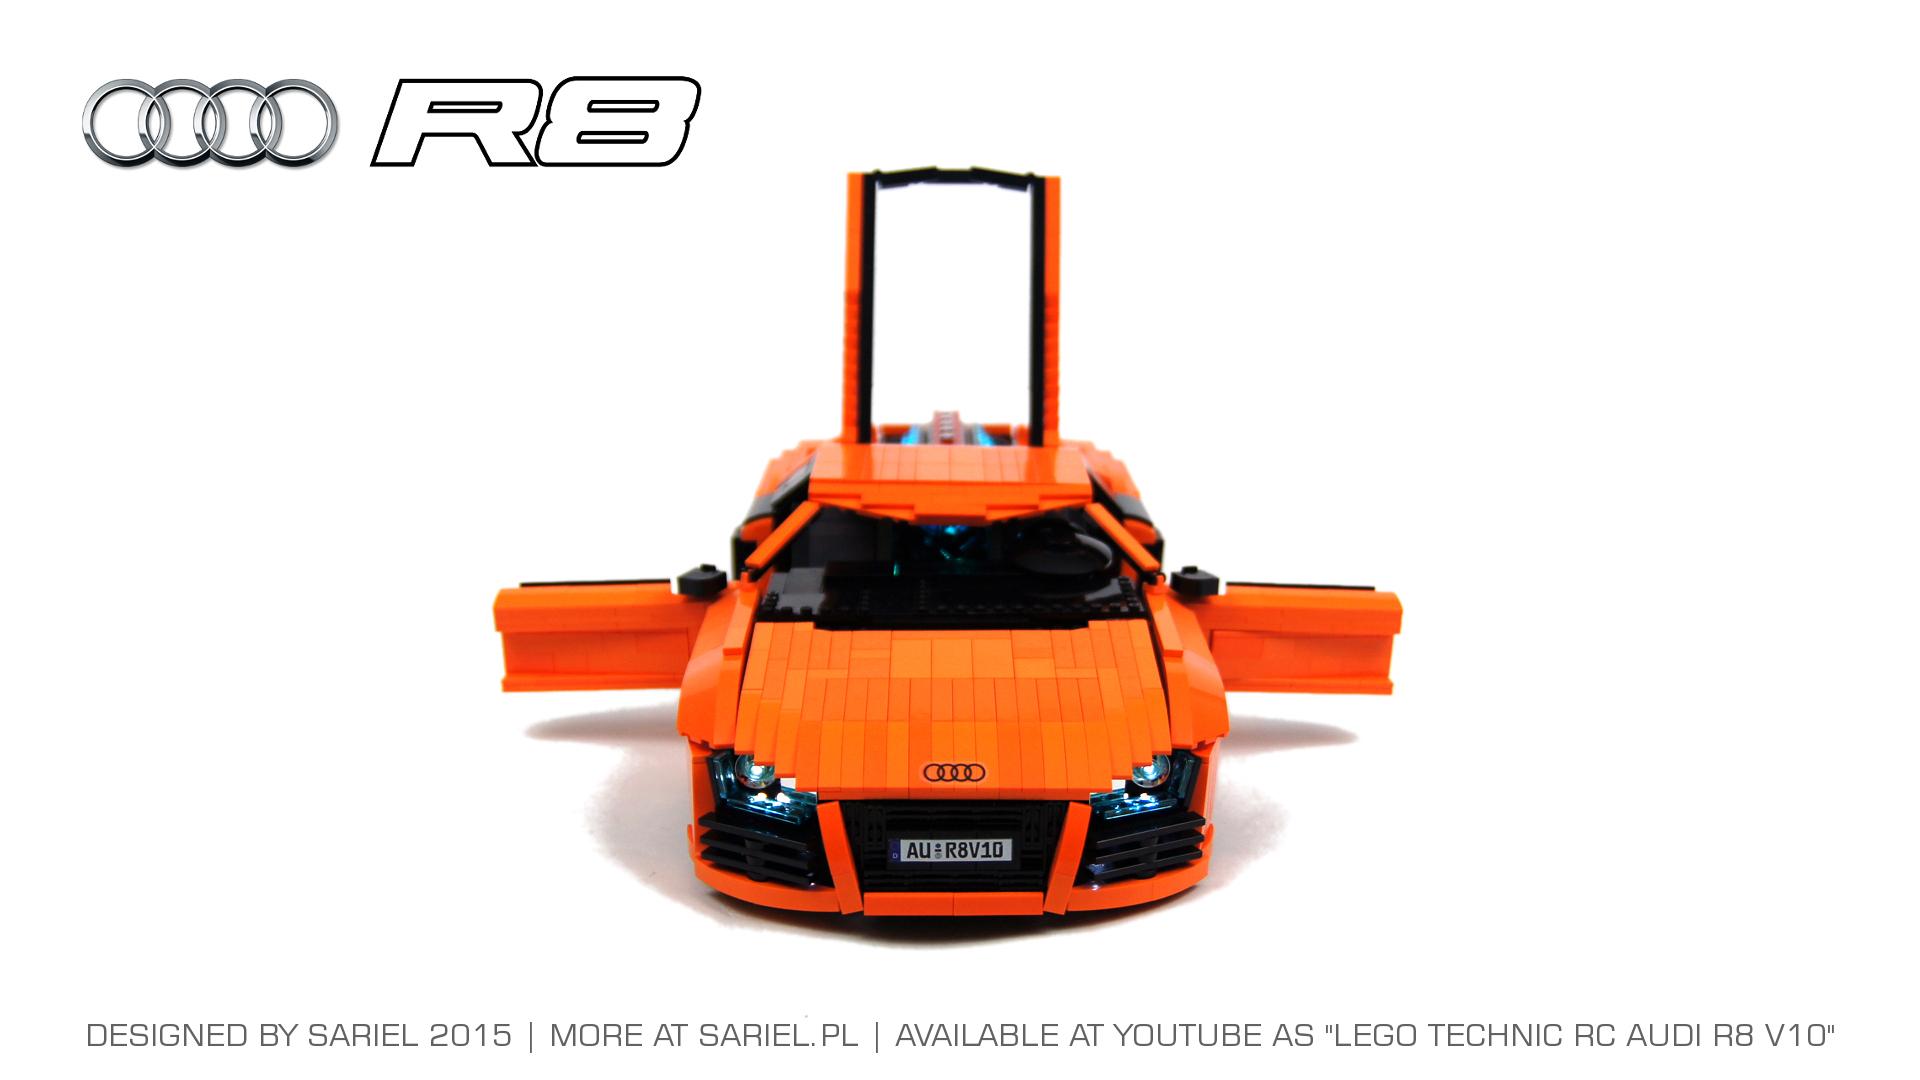 Sariel Audi R8 V10